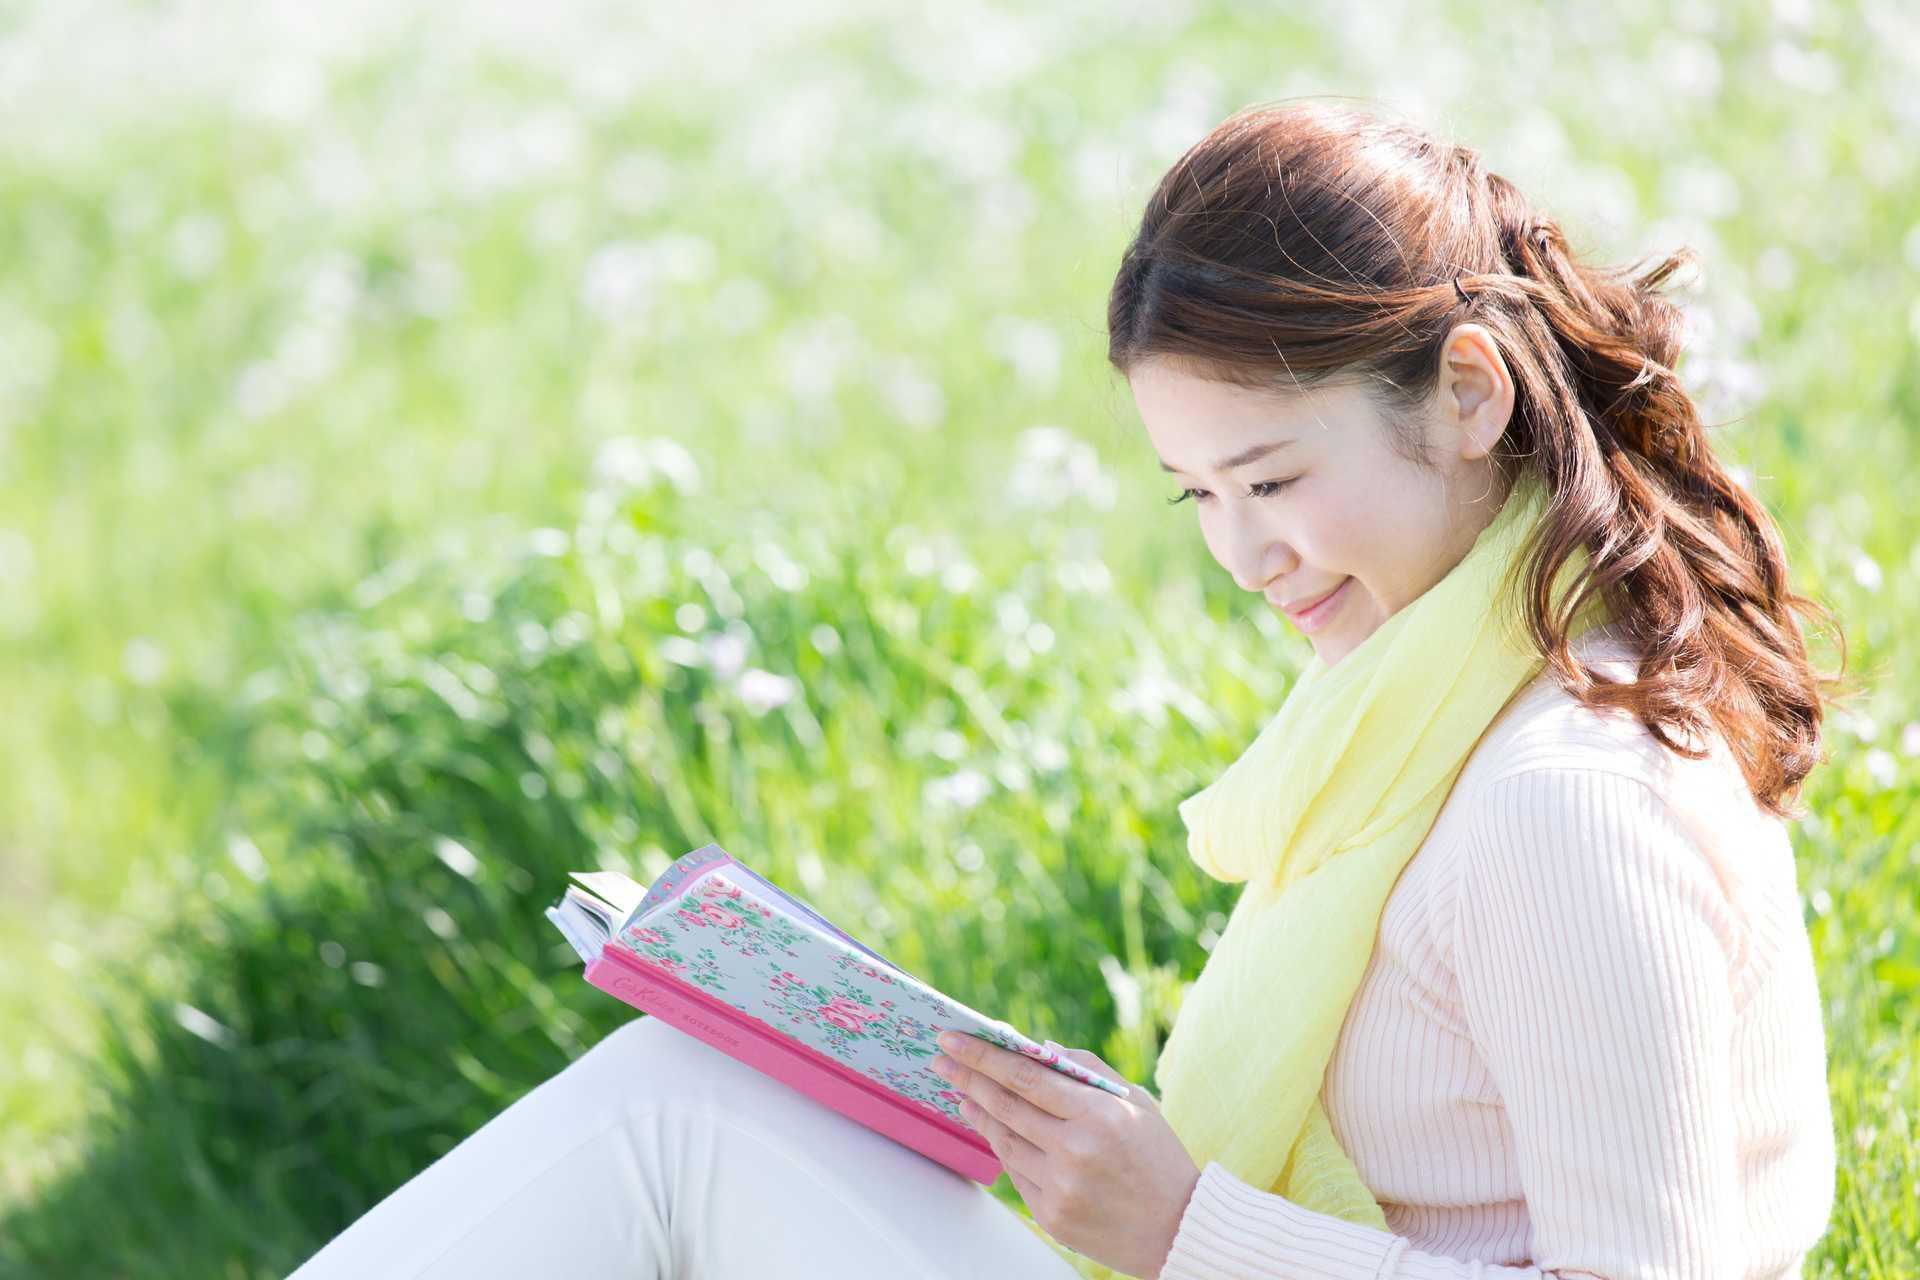 植物の専門書を持って歩くと、自然と植物への感性が磨かれる。 | 早朝の散歩習慣のすすめ